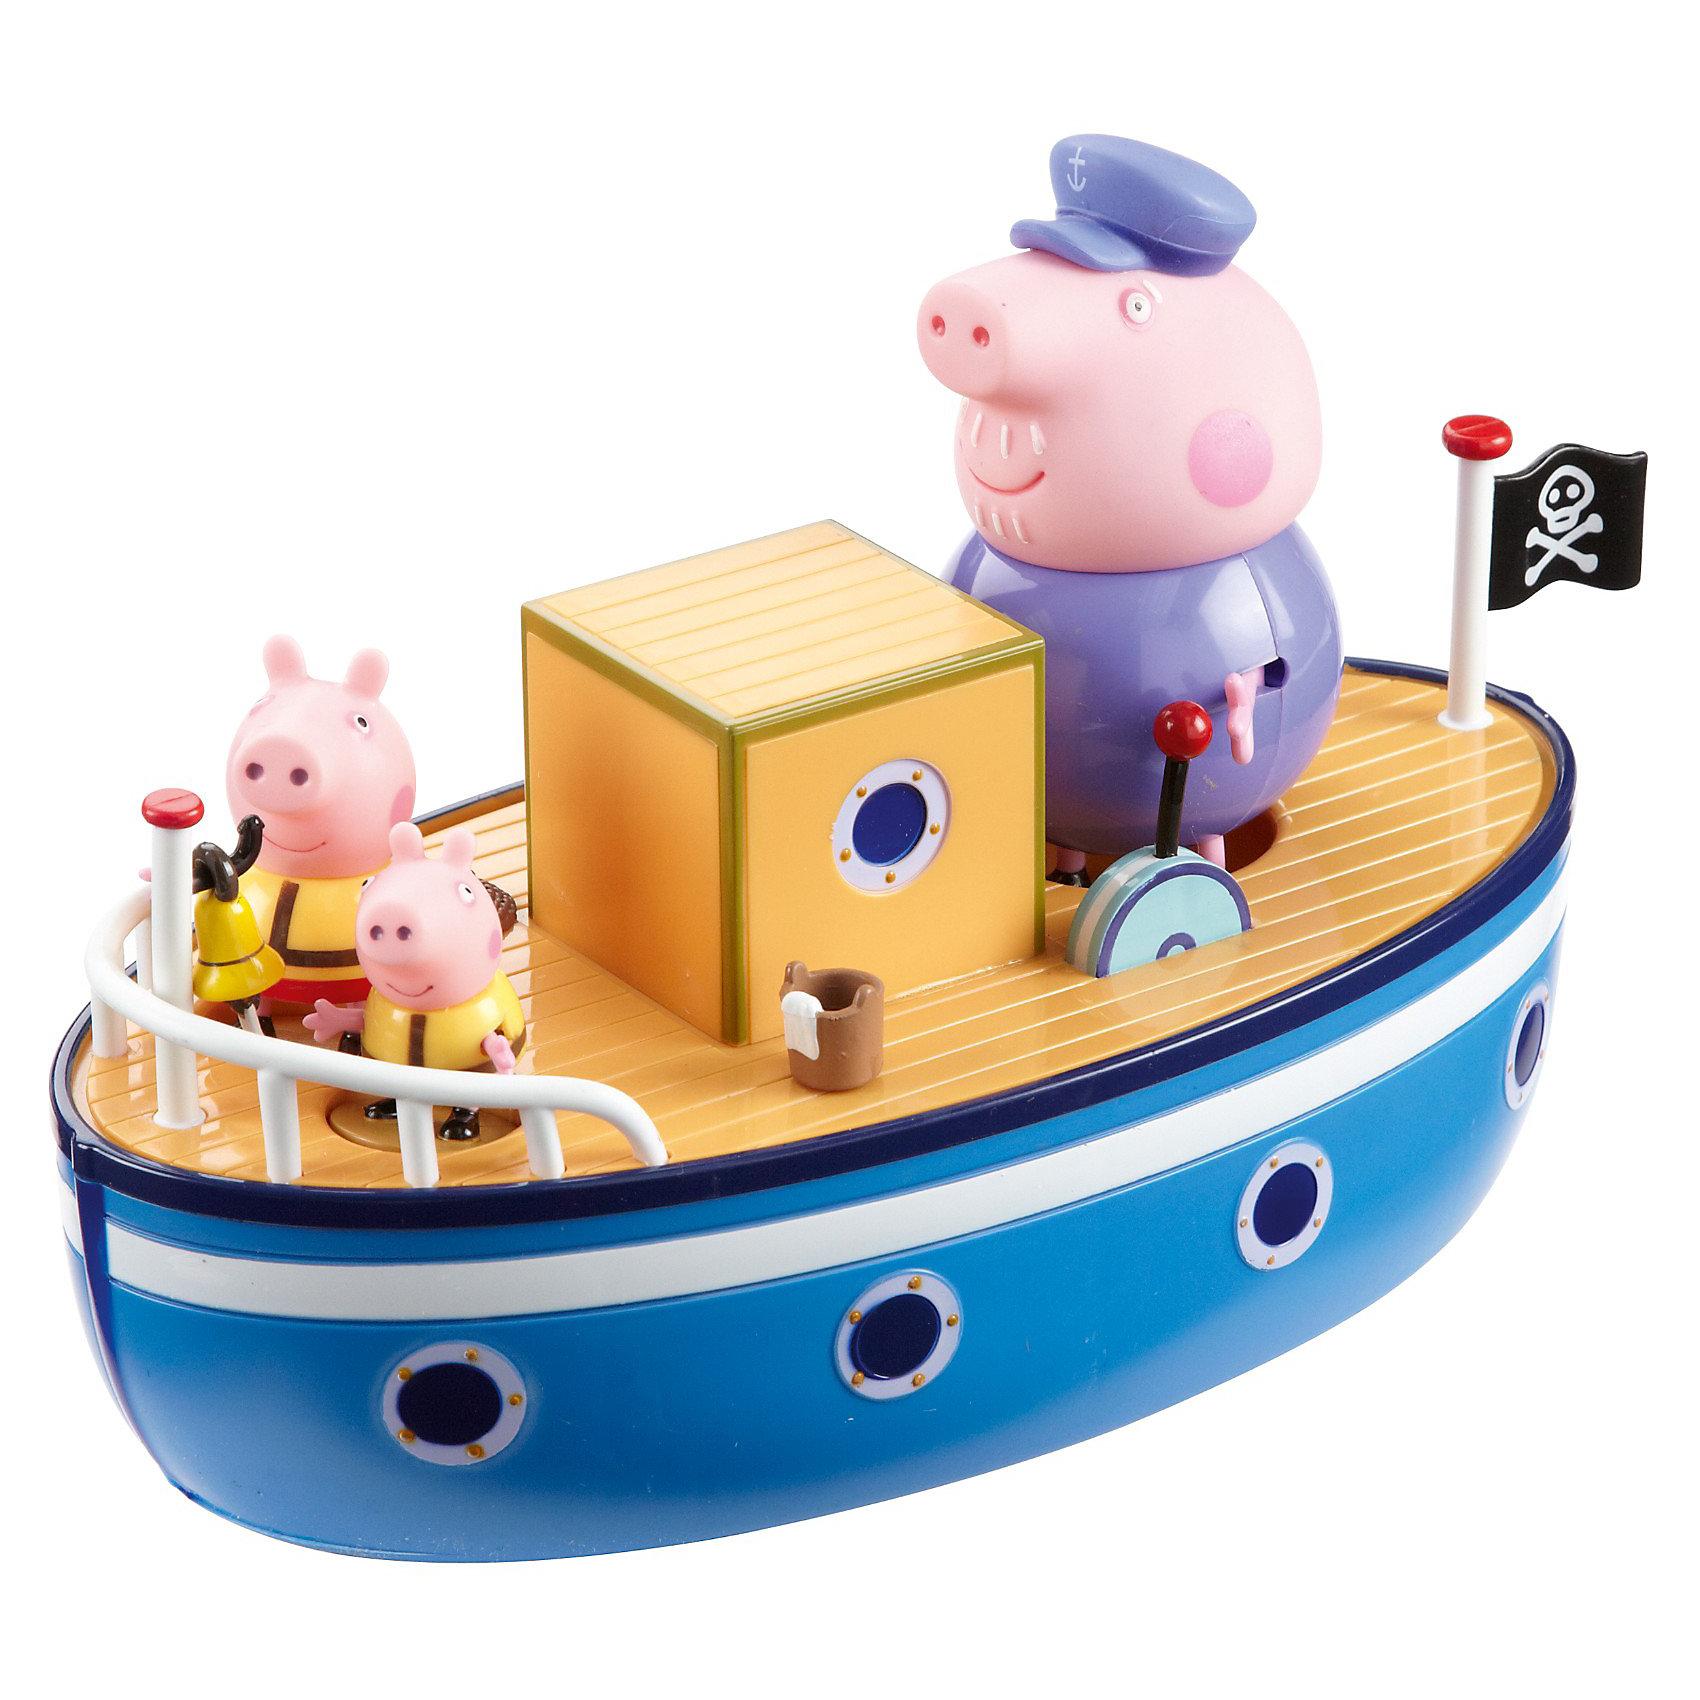 Игровой набор Морское приключение, Свинка ПеппаИгровой набор Морское приключение, Свинка Пеппа порадует всех юных поклонниц популярного сериала о забавной свинке Пеппе Peppa Pig. Игрушка поможет придумать и разыграть сценки из жизни любимых персонажей мультика.<br><br>Свинка Пеппа вместе со своим братом Джорджем и дедушкой отправляются в морское путешествие на большом красивом корабле. На судне можно найти капитанскую рубку, крюк<br>с лебедкой, ведерко с тряпкой, чтобы драить палубу, иллюминаторы, декоративный рычаг и пиратский флаг. Входящими в комплект фигурками можно играть отдельно, свинки<br>могут сходить на берег, а потом вернуться на кораблик вместе с новыми друзьями и родственниками. Игрушка отлично держится на воде, поэтому с ней можно играть и в ванной во время купания, и брать с собой  на пляж или в бассейн.<br><br>Дополнительная информация:<br><br>- В комплекте: лодка, 3 фигурки - Пеппа, Джордж и дедушка, 3 цветных мелка.<br>- Материал: пластик.<br>- Высота фигурок: 5 см.<br>- Размер кораблика: 24 x 13 x 12 см.<br>- Размер упаковки: 34 x 17 x 22 см.<br><br>Игровой набор Морское приключение, Свинка Пеппа можно купить в нашем интернет-магазине.<br><br>Ширина мм: 340<br>Глубина мм: 170<br>Высота мм: 220<br>Вес г: 630<br>Возраст от месяцев: 36<br>Возраст до месяцев: 84<br>Пол: Унисекс<br>Возраст: Детский<br>SKU: 3672297